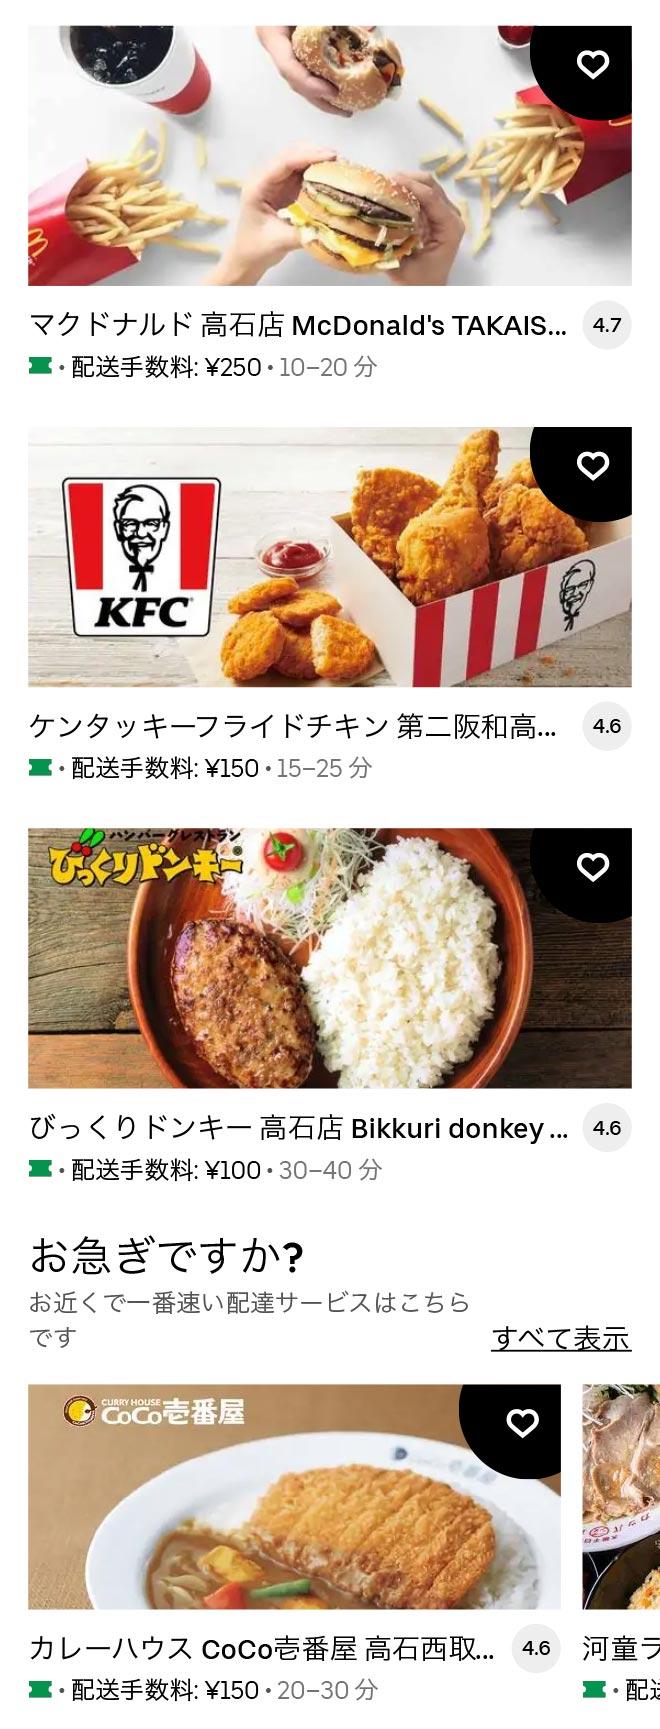 U takaishi 2105 01